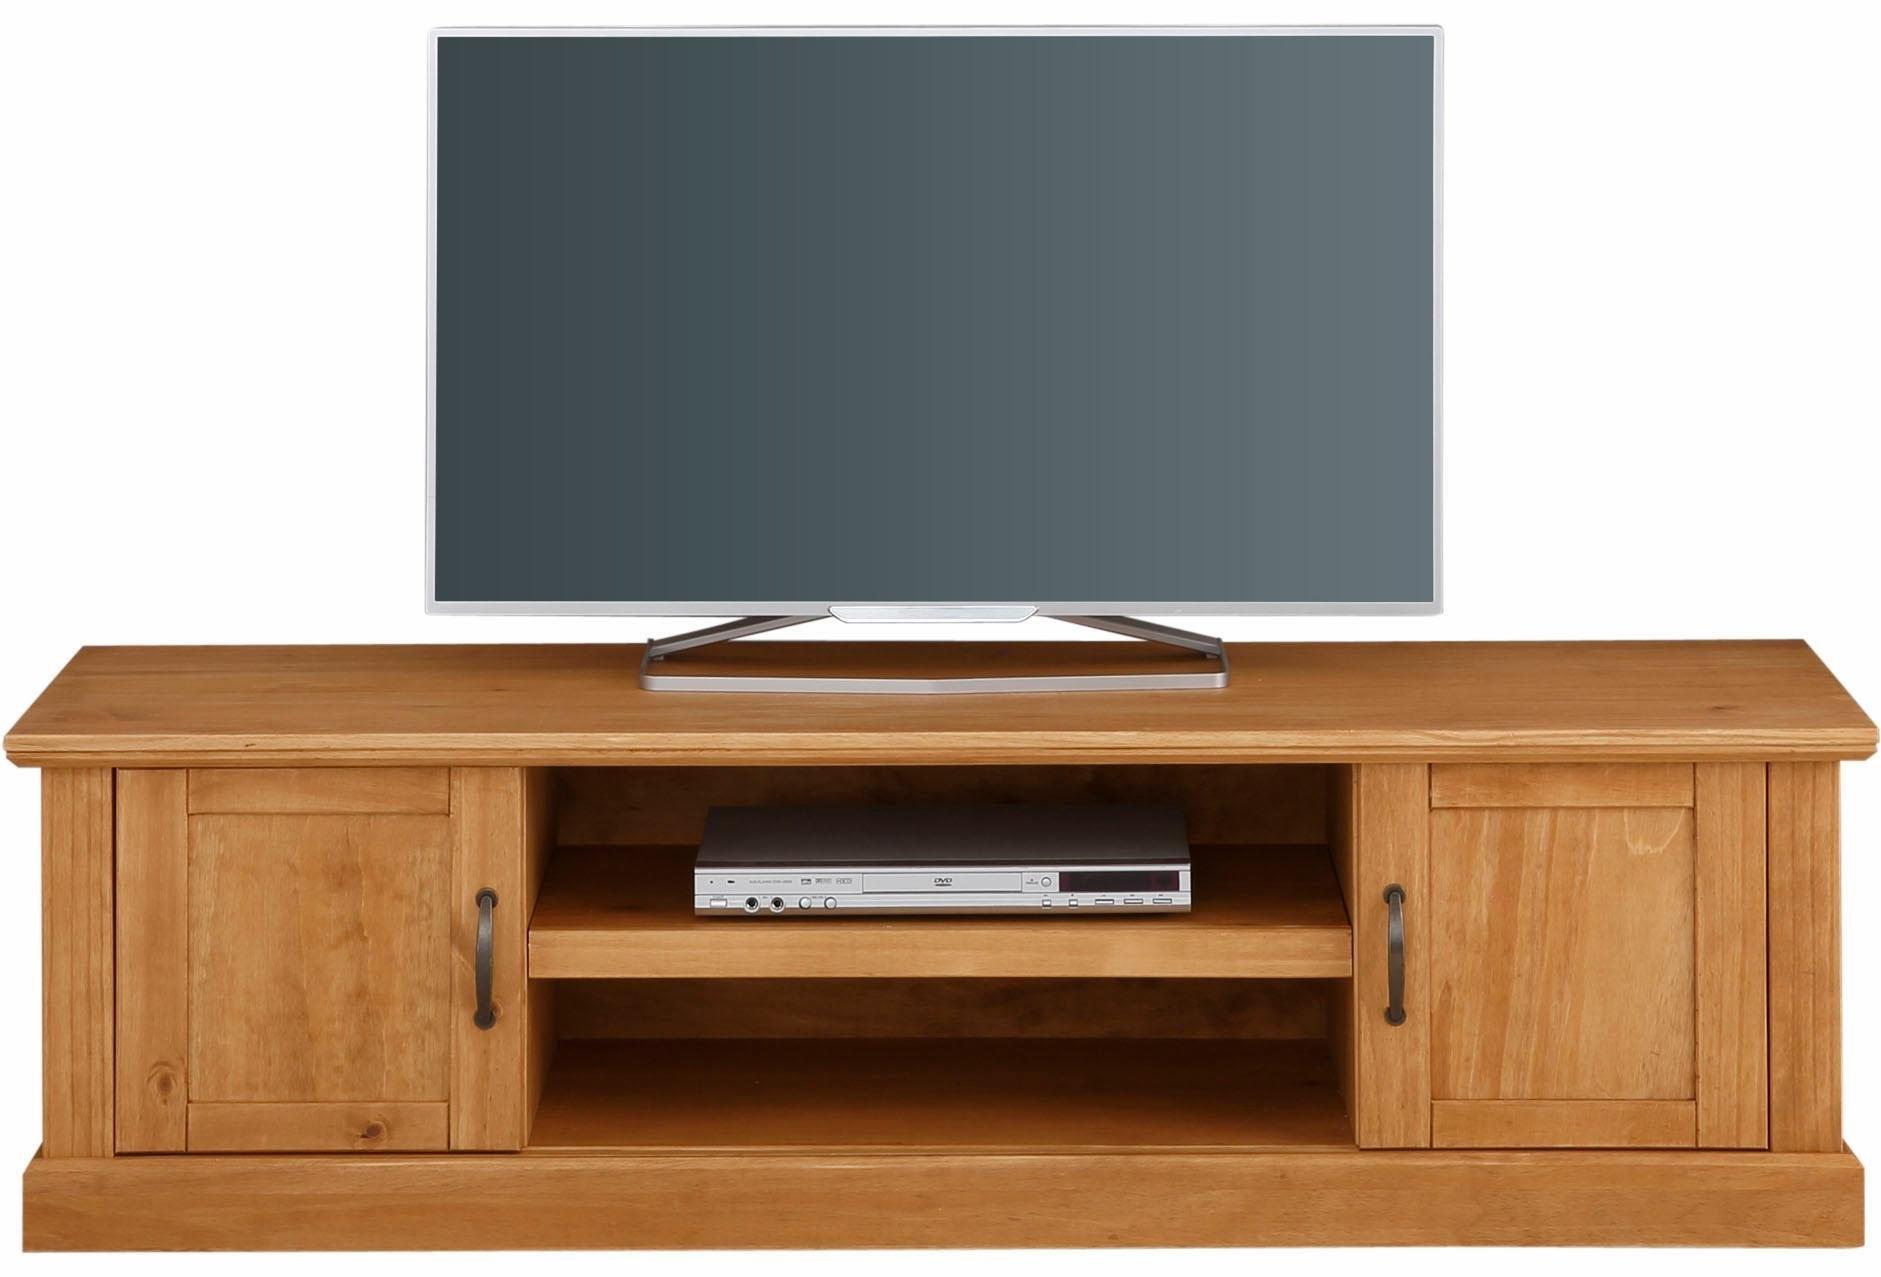 Home Affaire lowboard »Mika«, breedte 160 cm voordelig en veilig online kopen